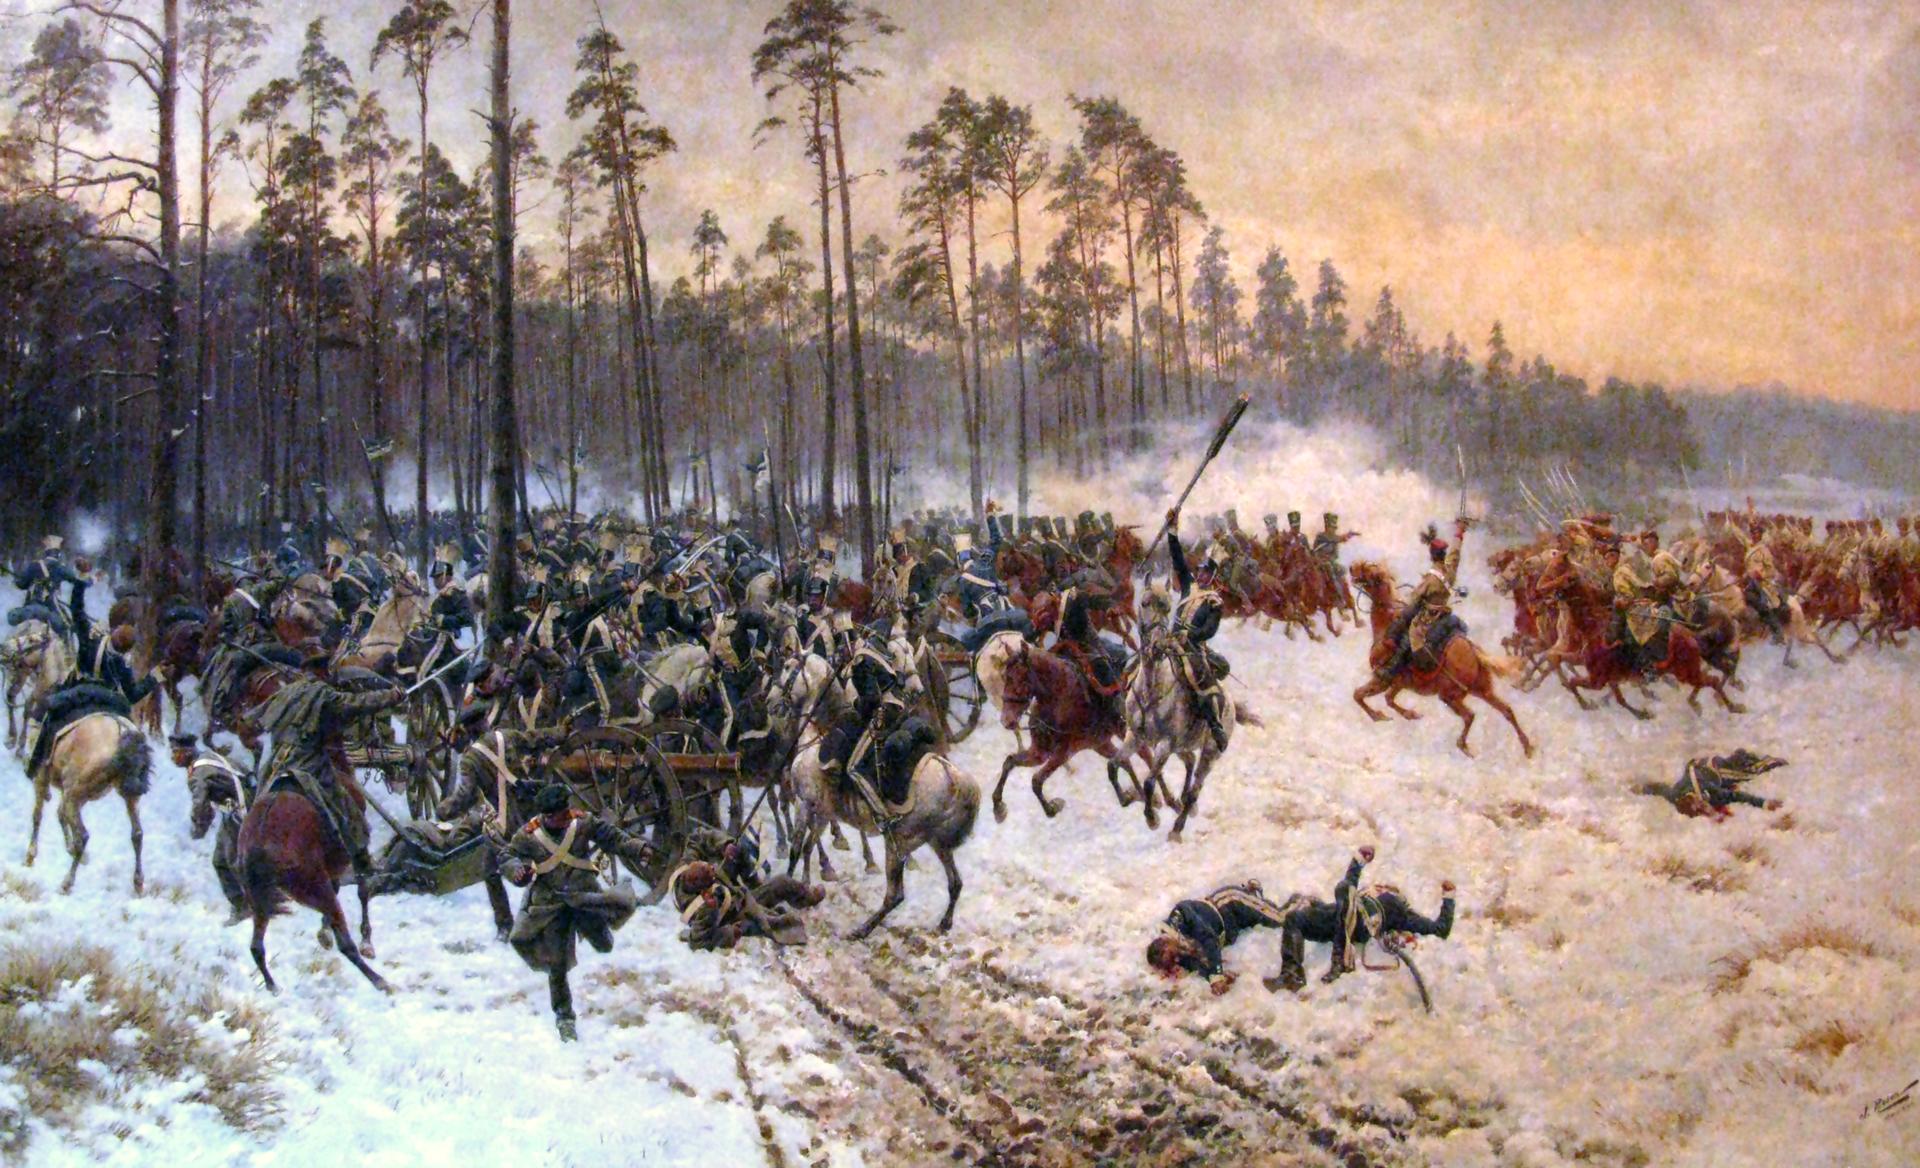 Bitwa pod Stoczkiem Bitwa pod Stoczkiem (14II 1831 r.) Źródło: Jan Rosen, Bitwa pod Stoczkiem, 1890, domena publiczna.